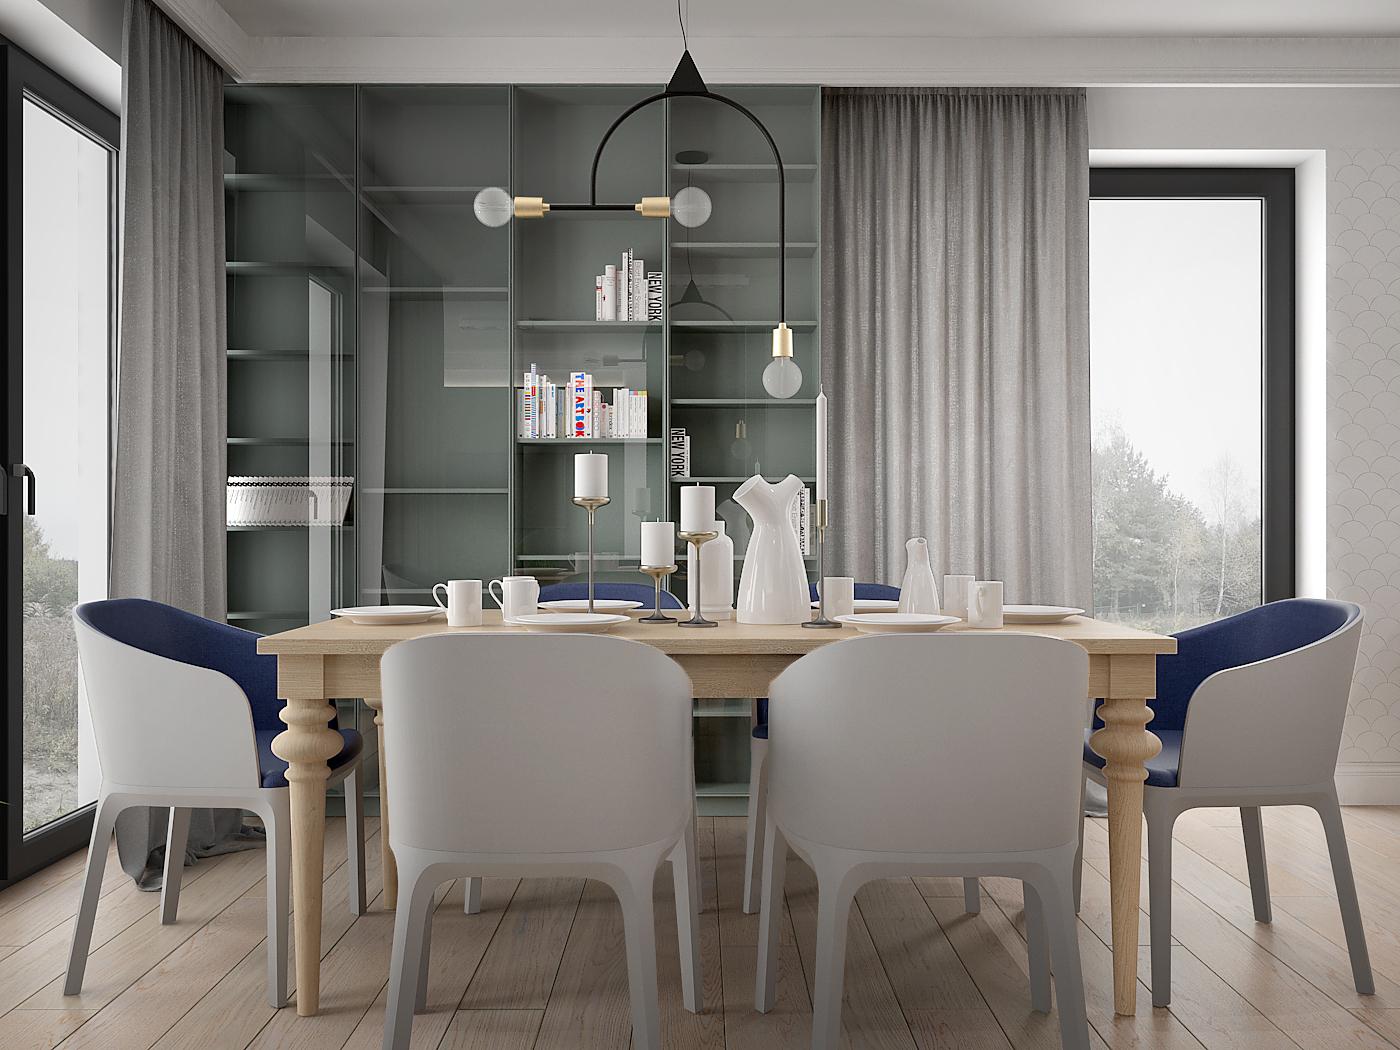 3 architek wnetrz D538 dom nowy sacz jadalnia duzy stol krzesla pedrali drewniany stol